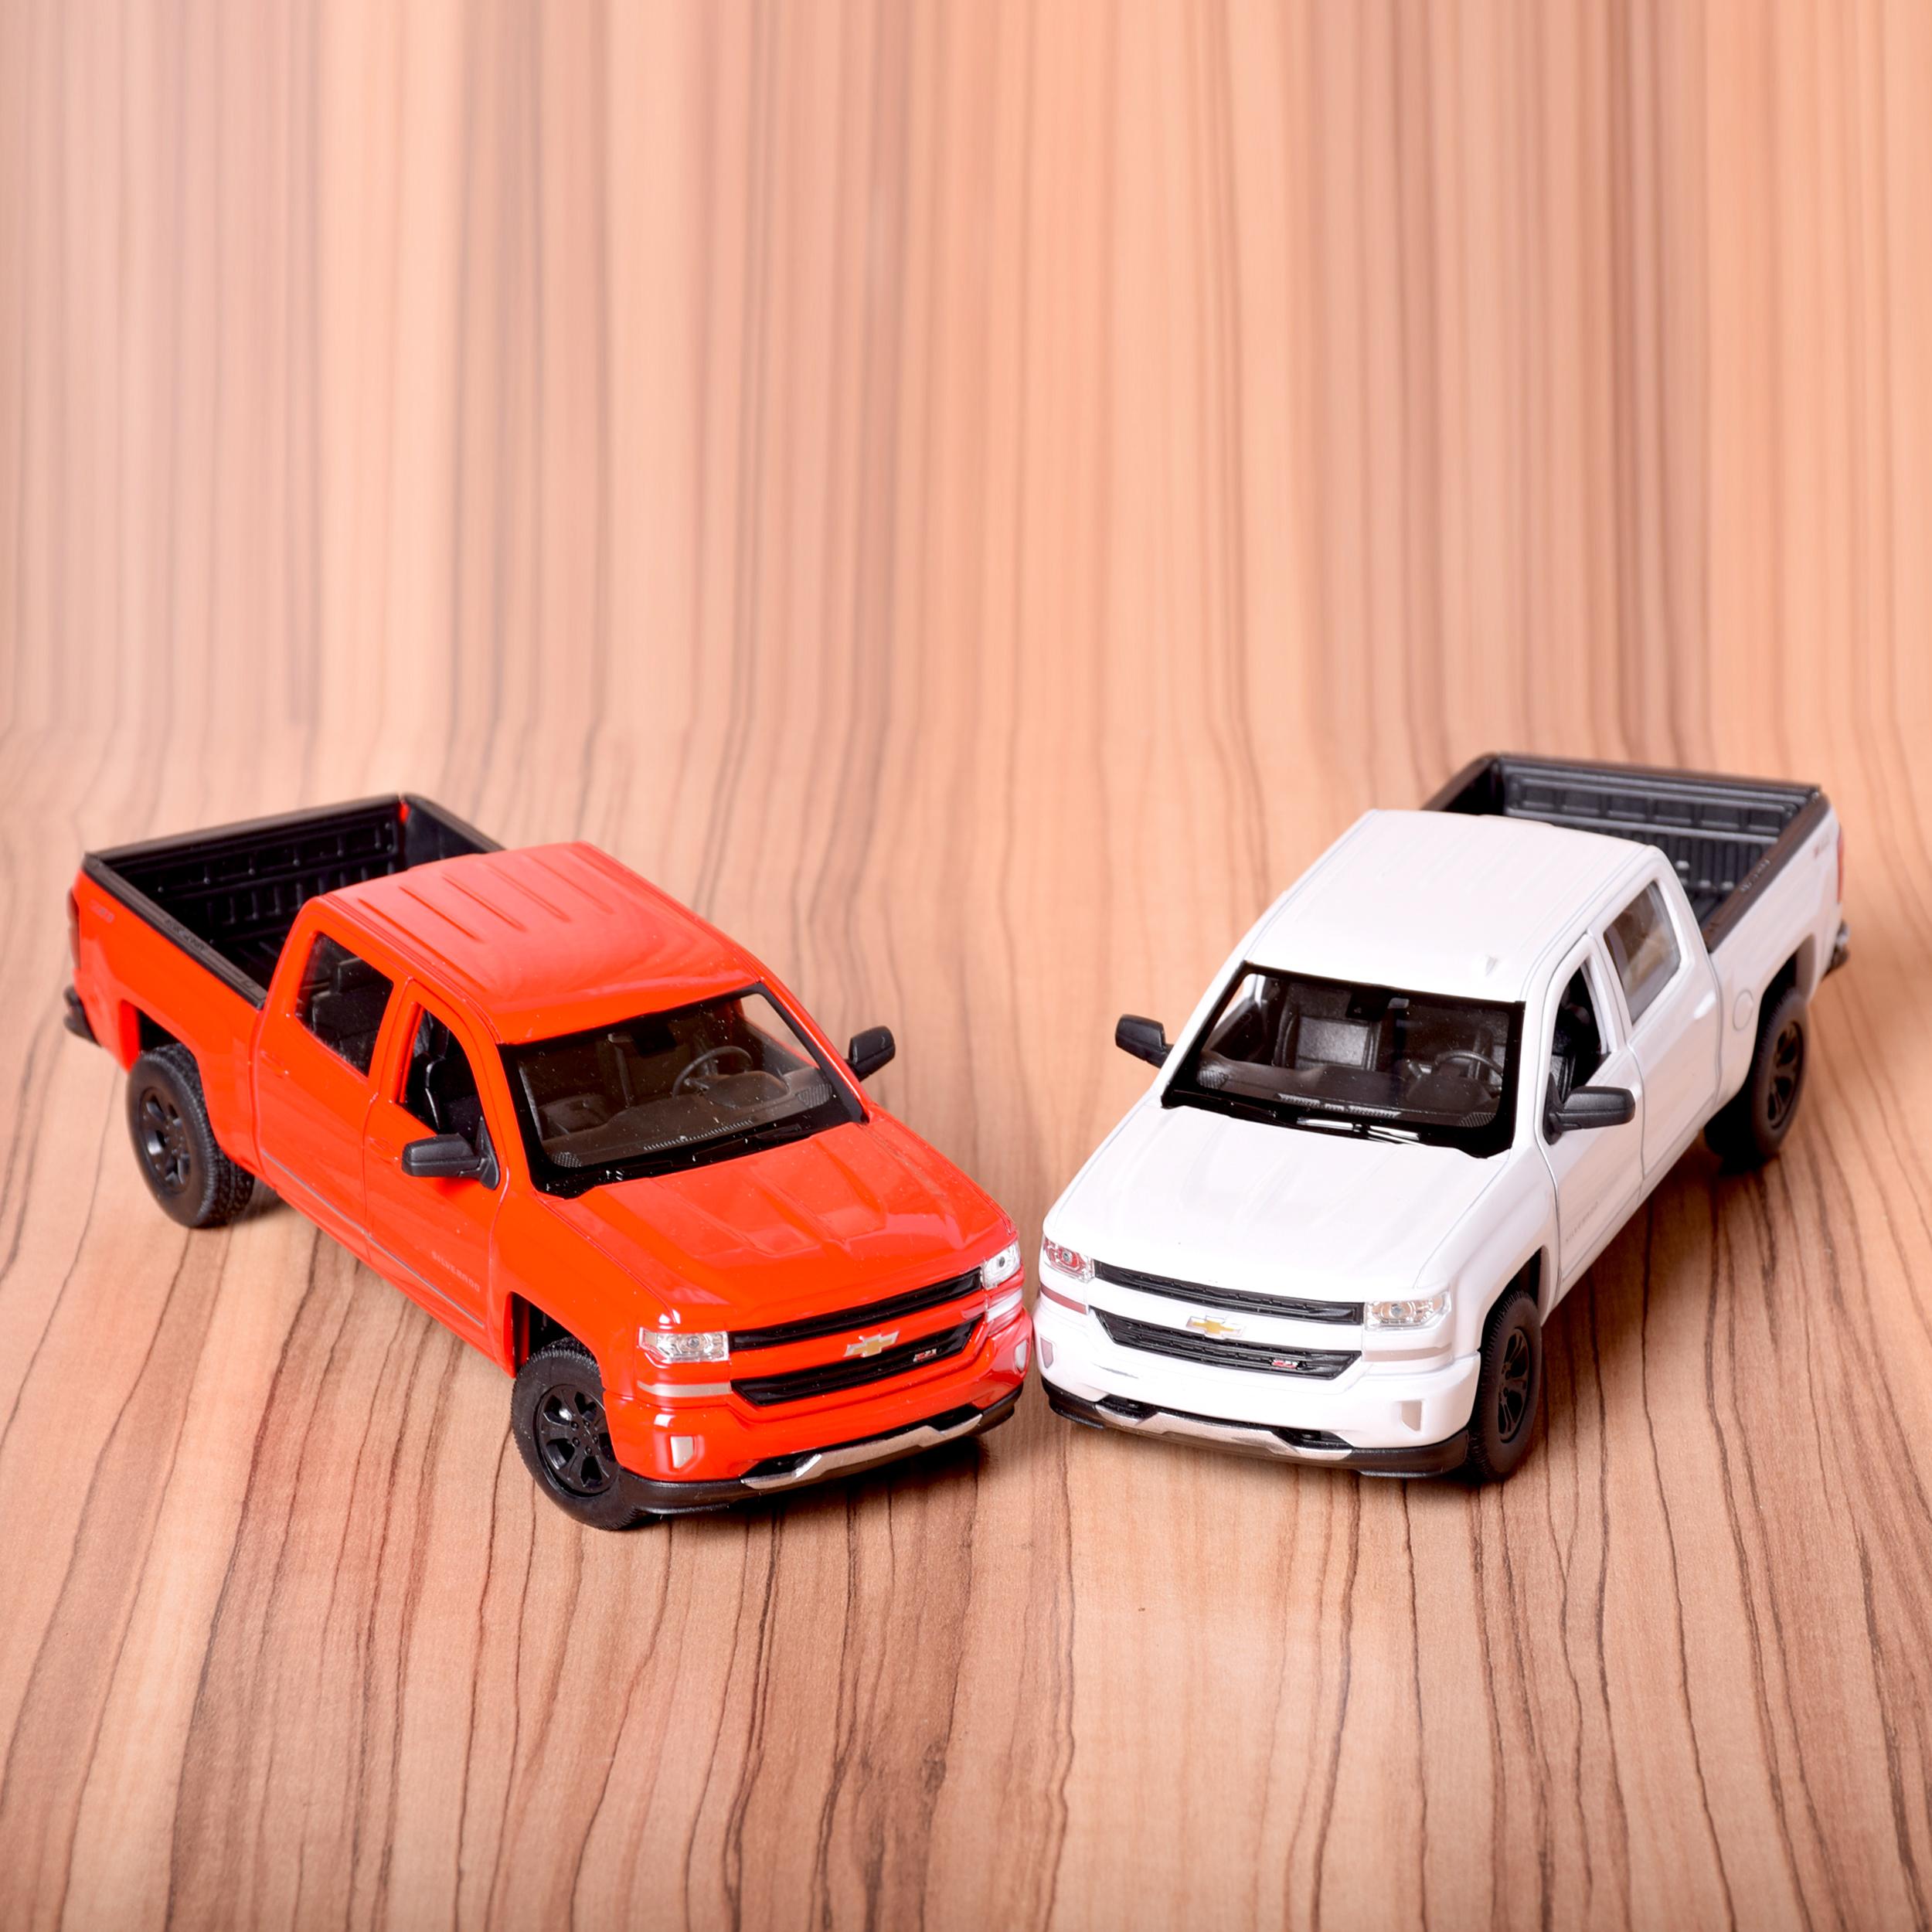 ماشین بازی ولی مدل Chevrolet Silverado 2017